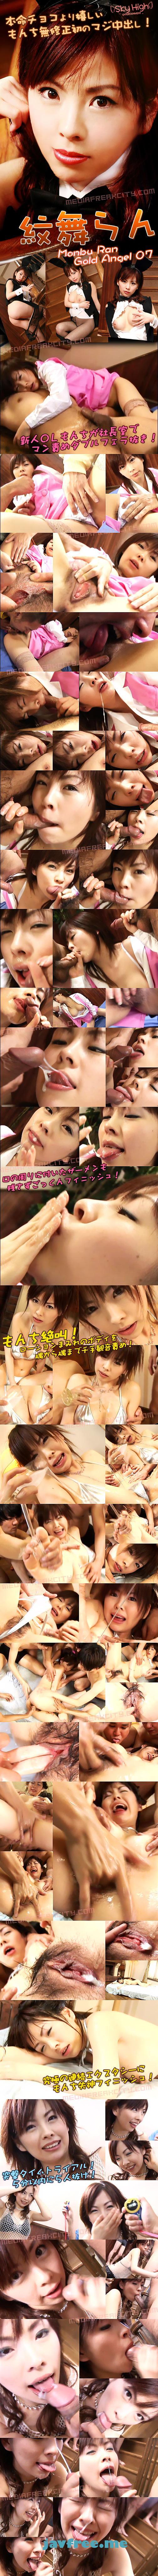 [SKY 077] Gold Angel Vol.7 Super Erotic Girl 紋舞らん SKY Ran Monbu Gold Angel